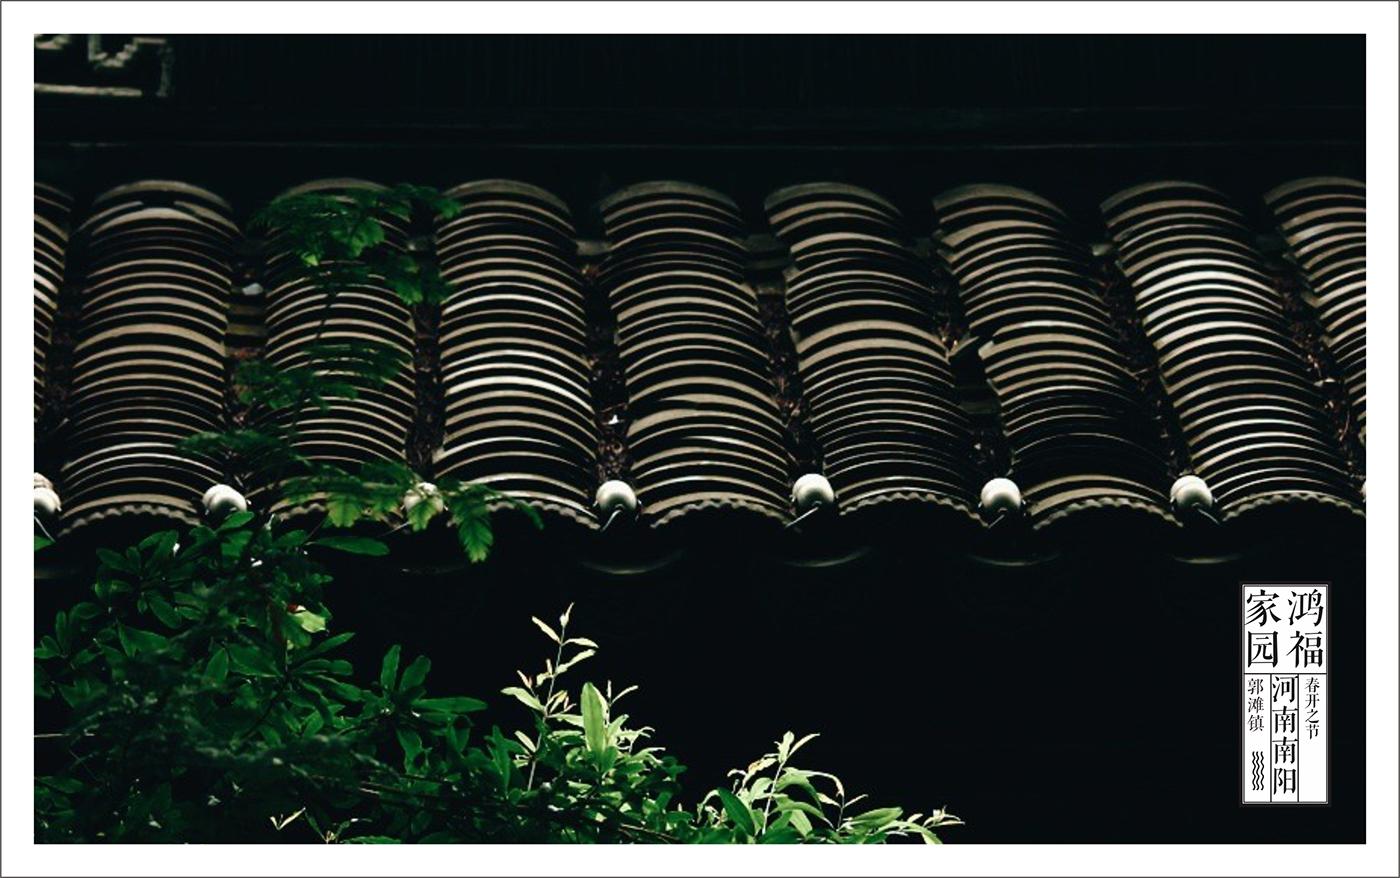 chai-kunpeng-hongfuji-branding-hisheji (9)